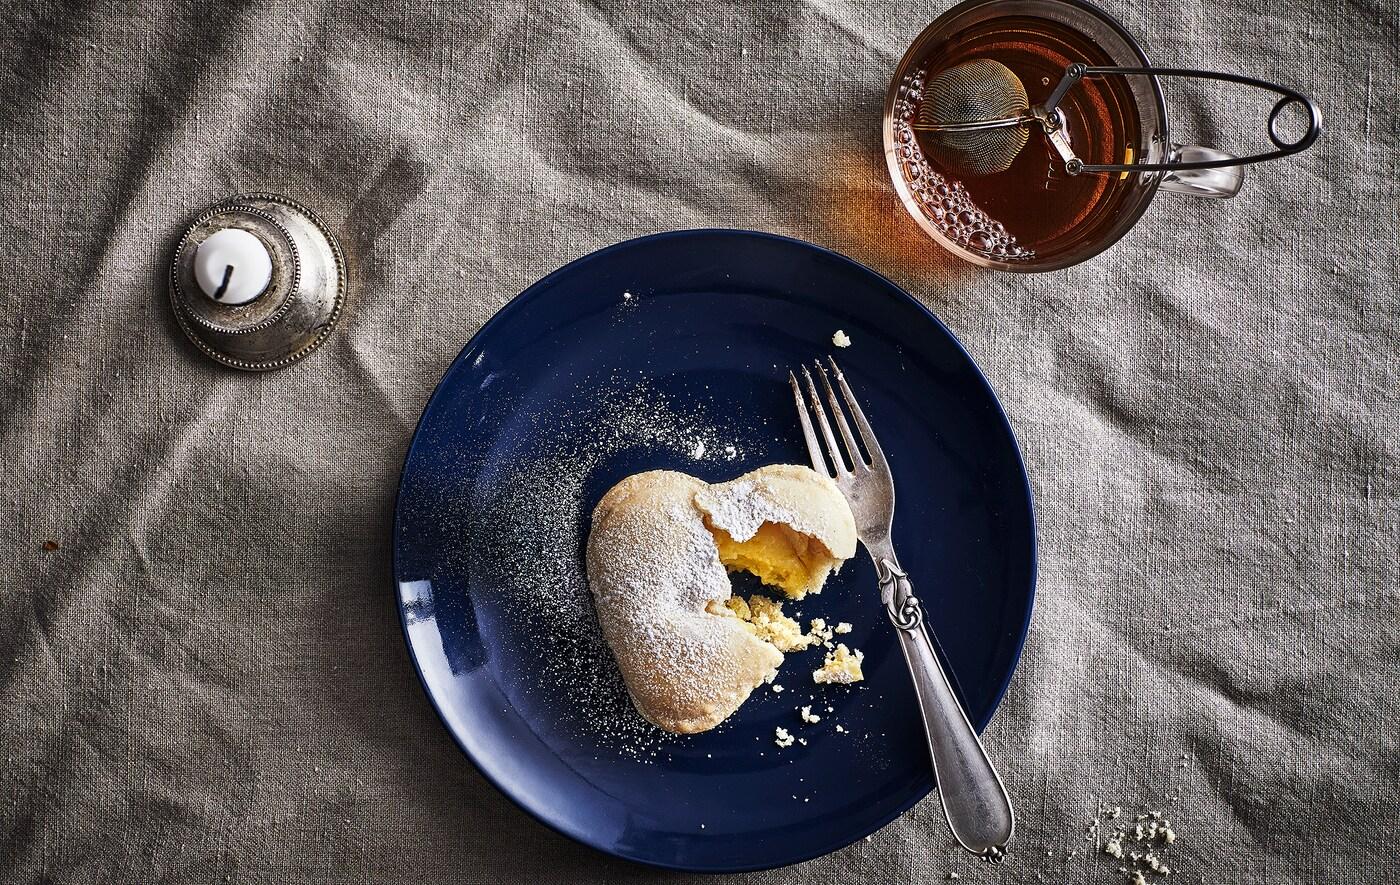 Ванильное печенье в виде сердечка, вилка на темно-синей тарелке, кружка с чаем и свеча.